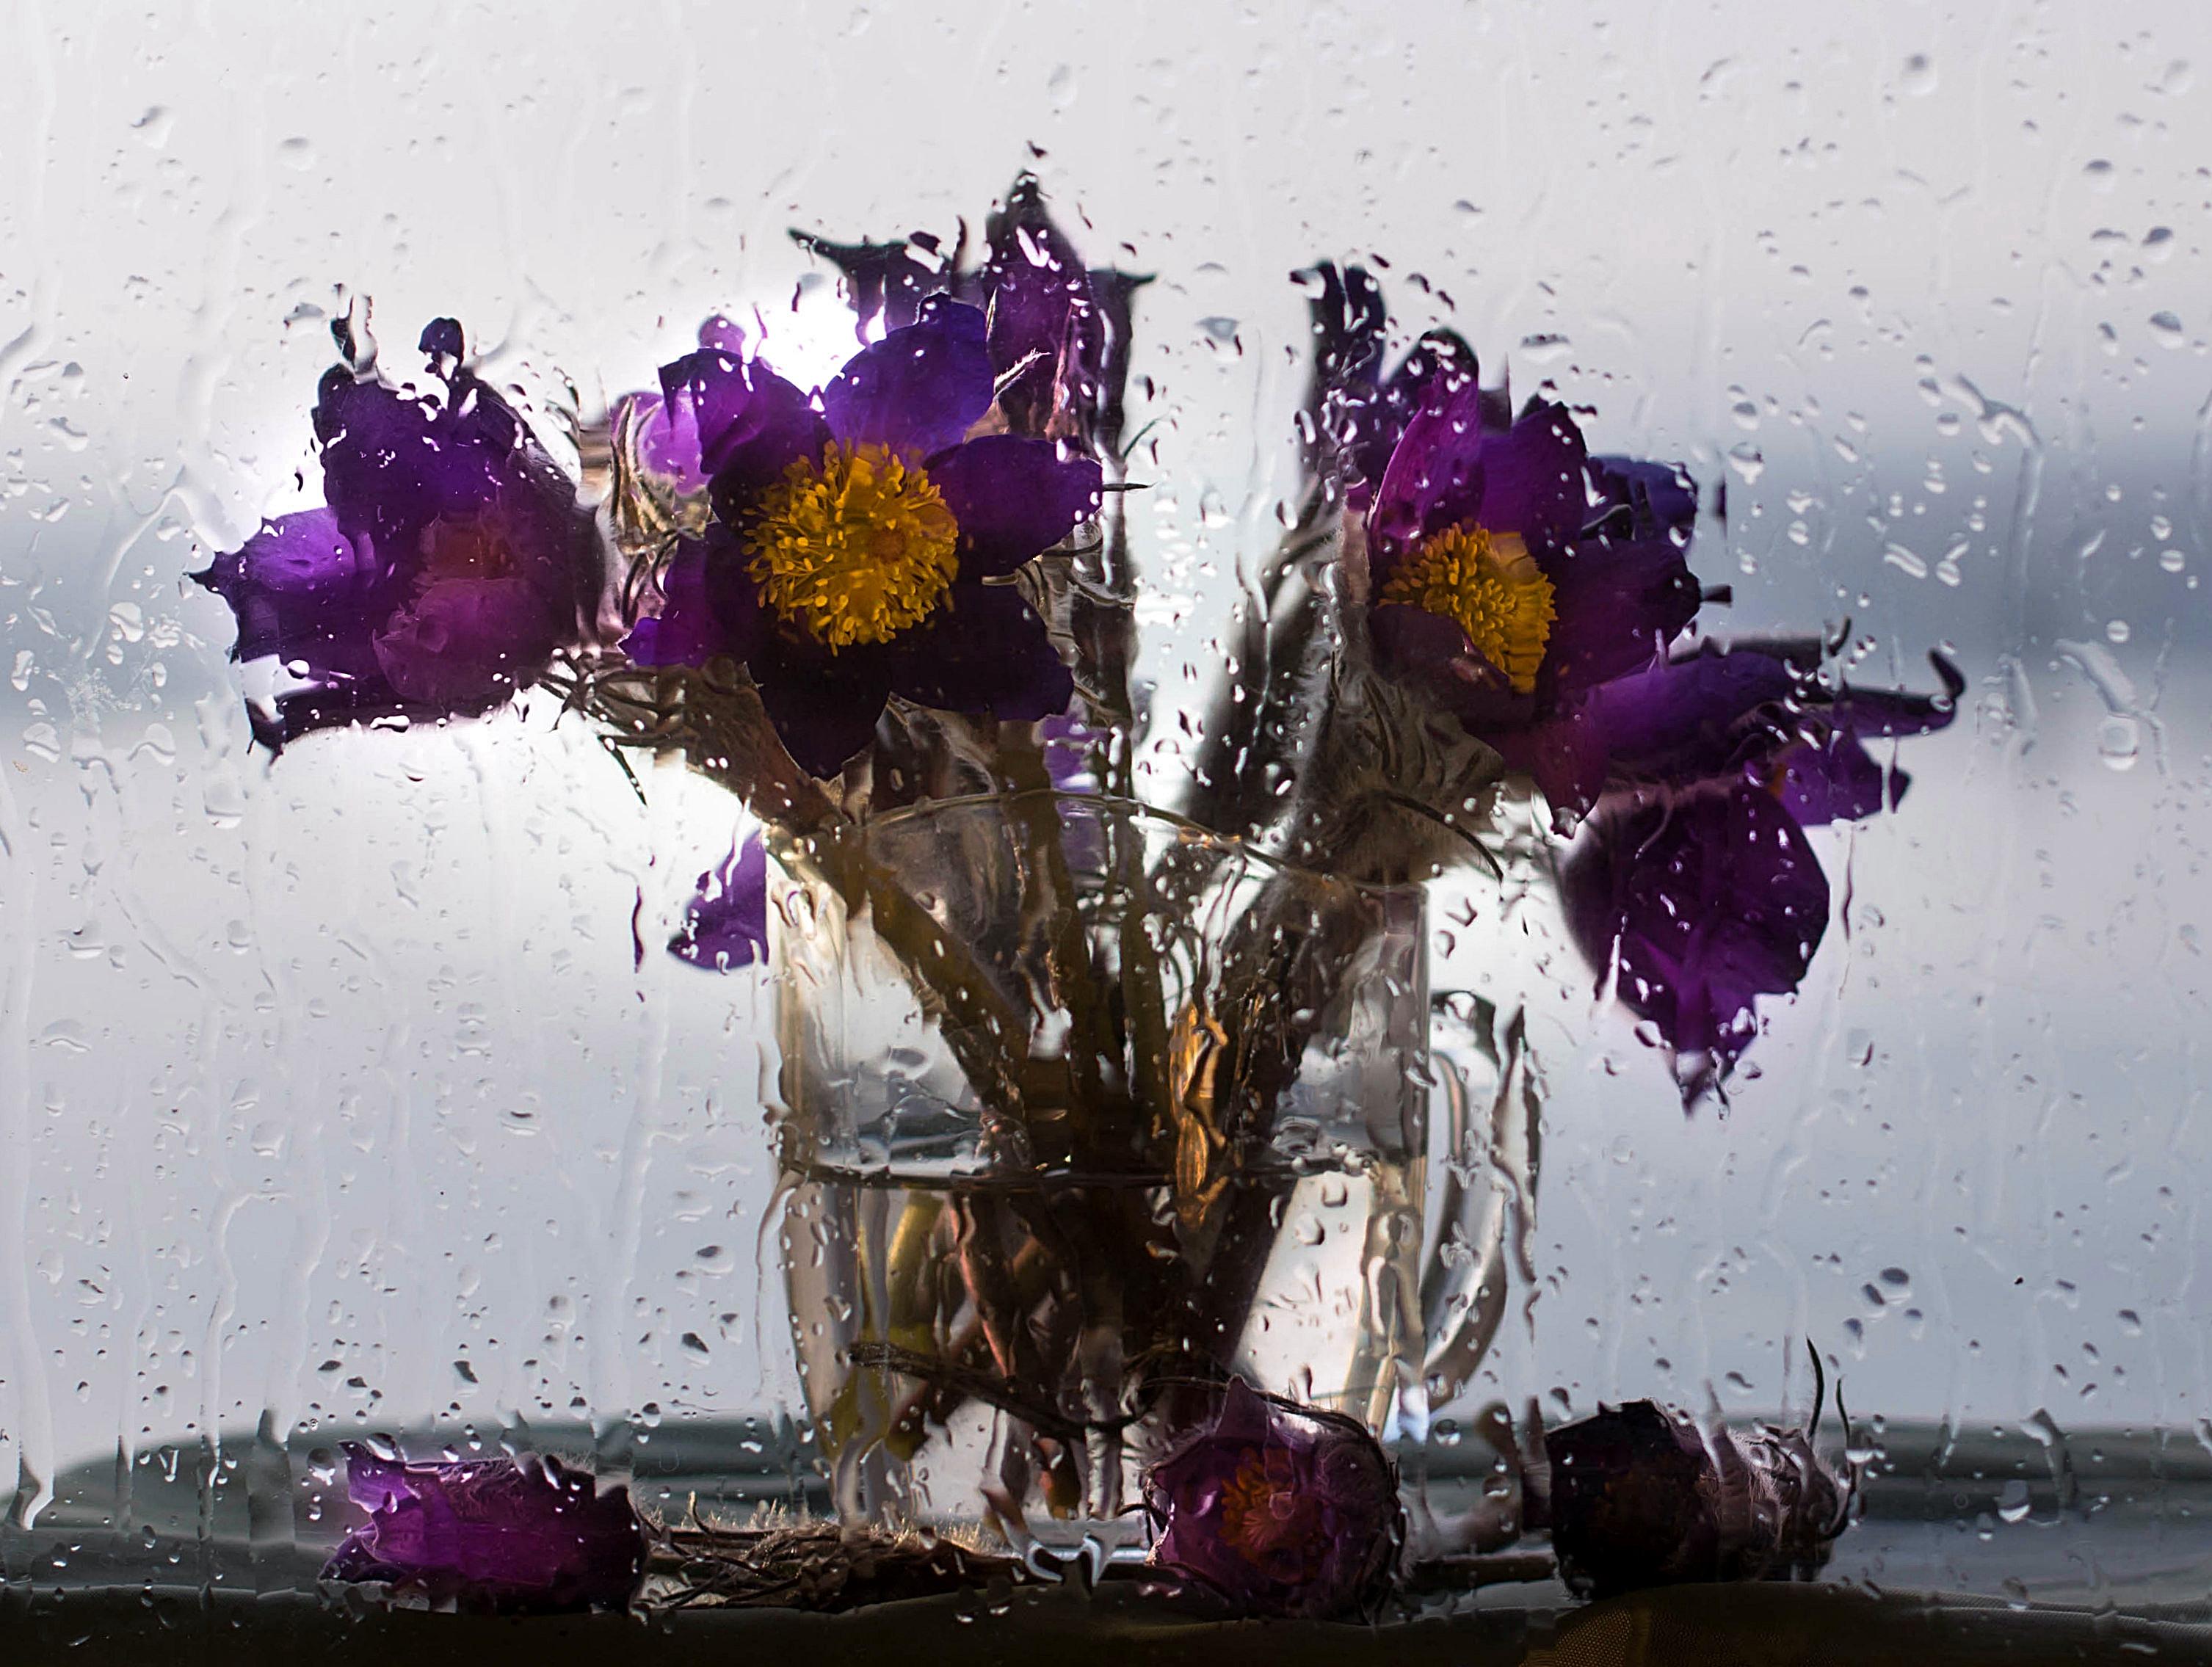 Цветы за мокрым стеклом фото